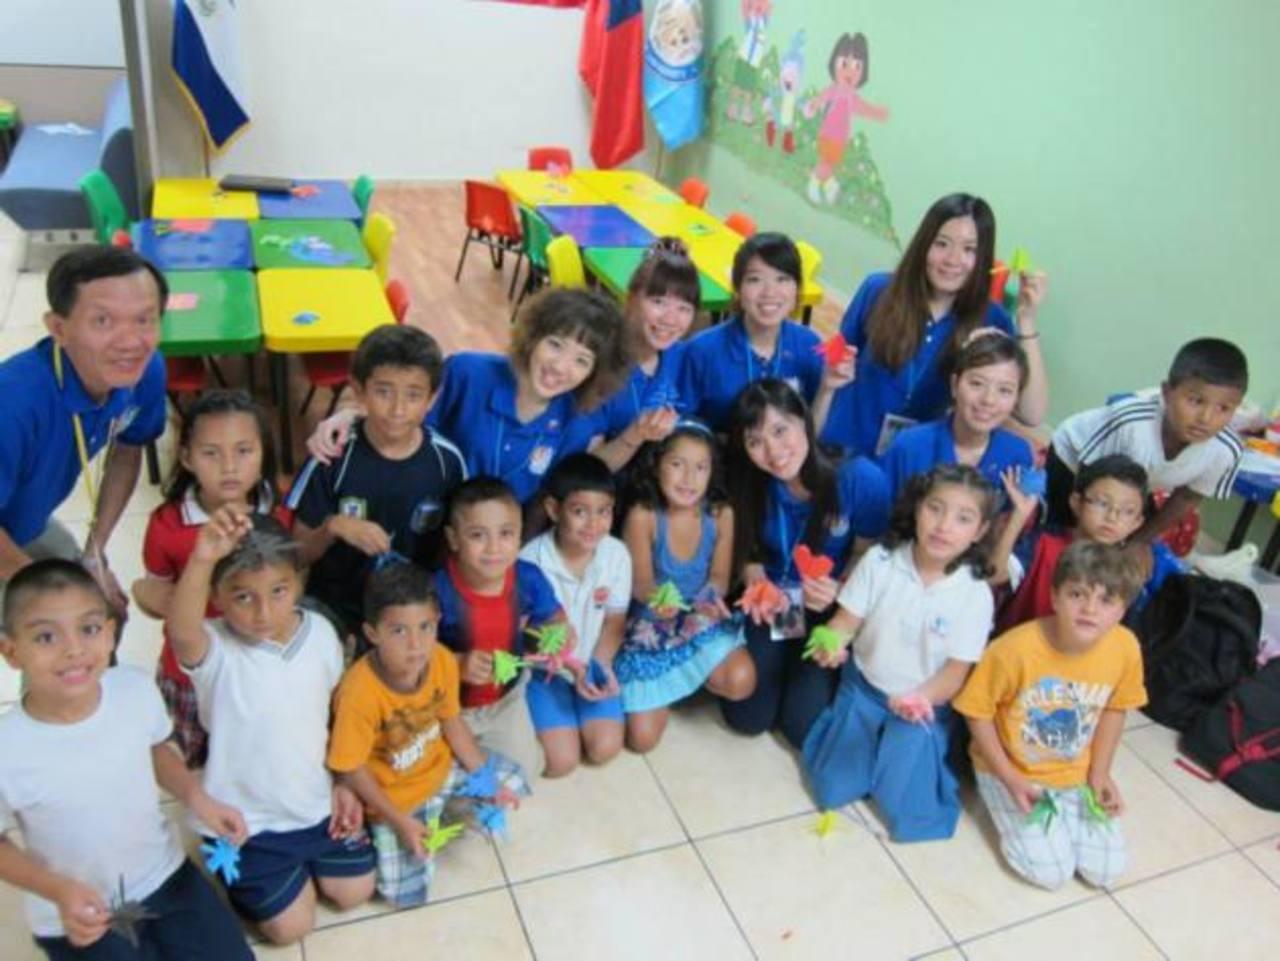 Las embajadoras han tenido la oportunidad de visitar guarderías, centros escolares y otros. Foto edh / Cortesía